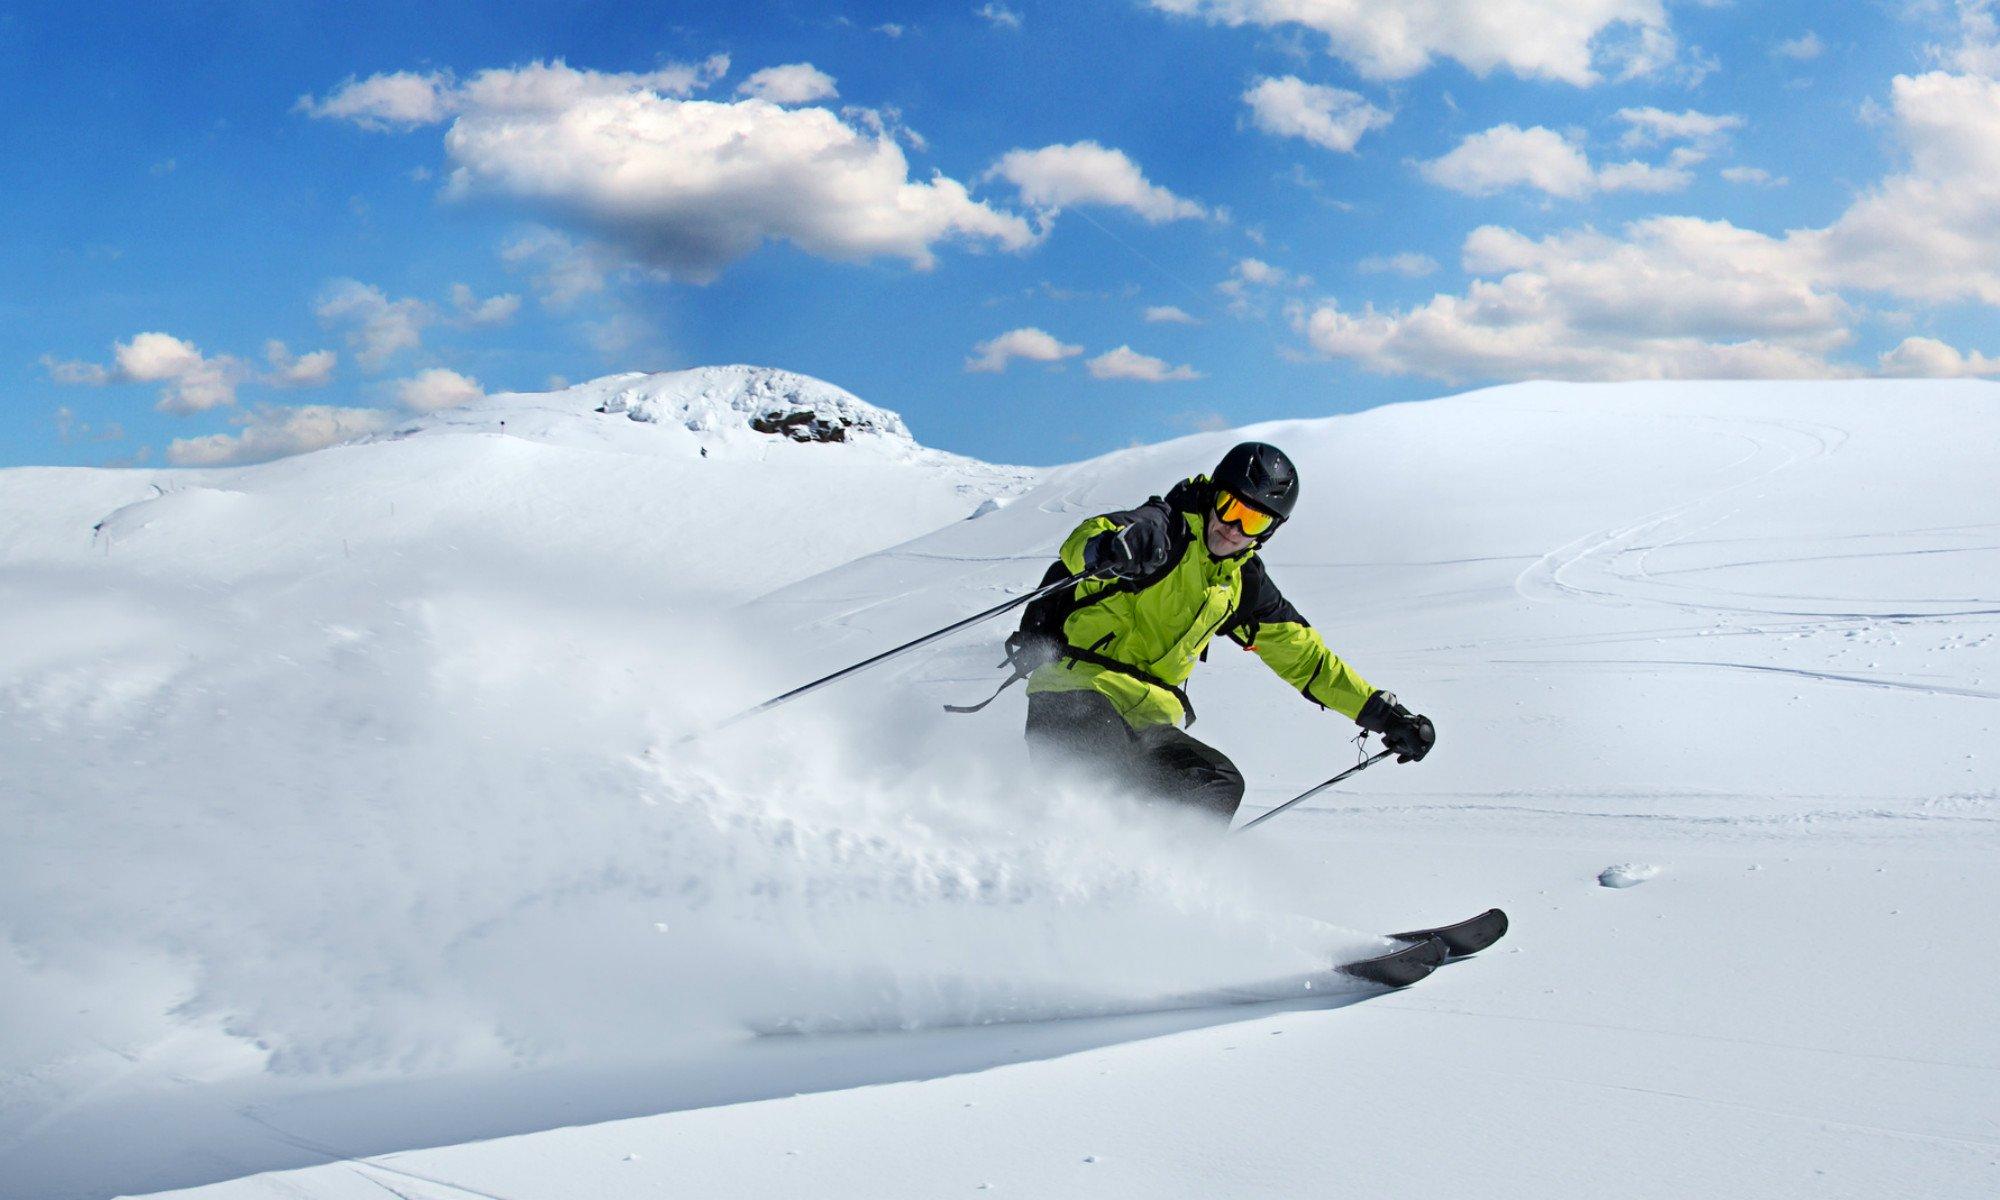 Uno sciatore si diverte nella neve fresca.